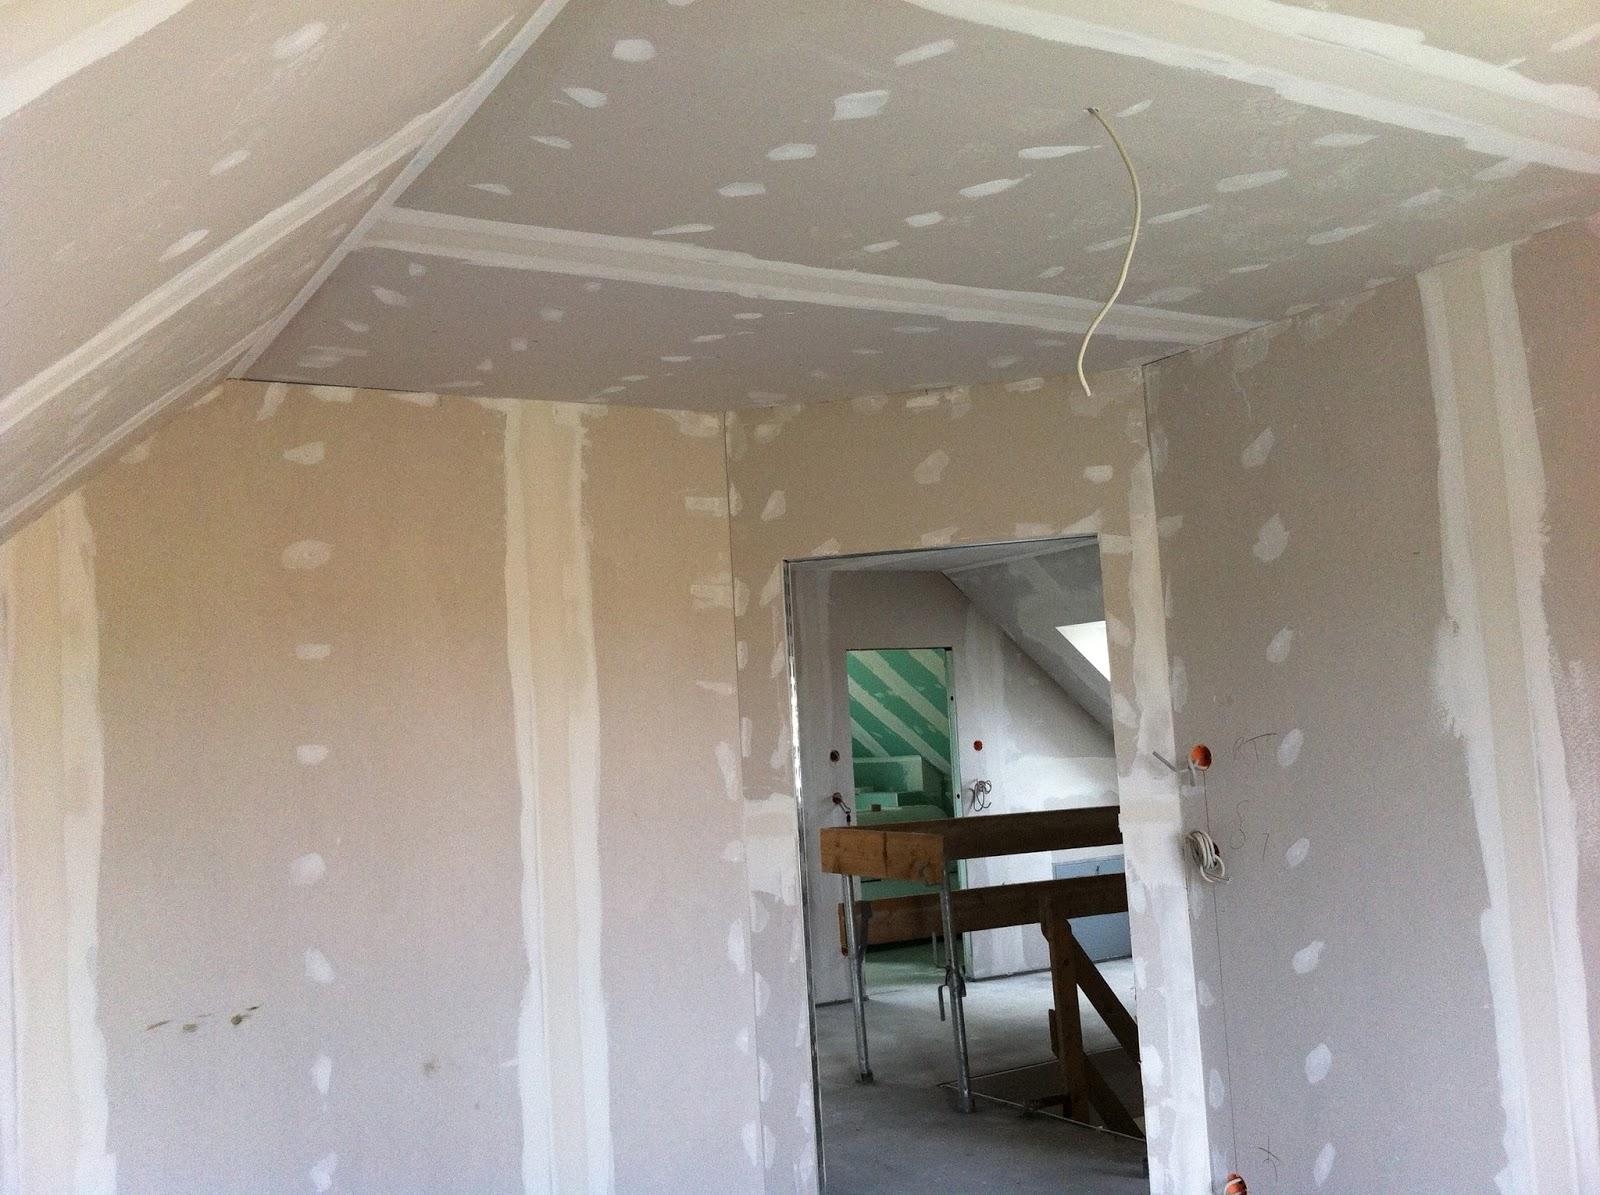 wir bauen zuhausehaus edition 425 ger st weg estrich drin und spachtel arbeiten fertig. Black Bedroom Furniture Sets. Home Design Ideas